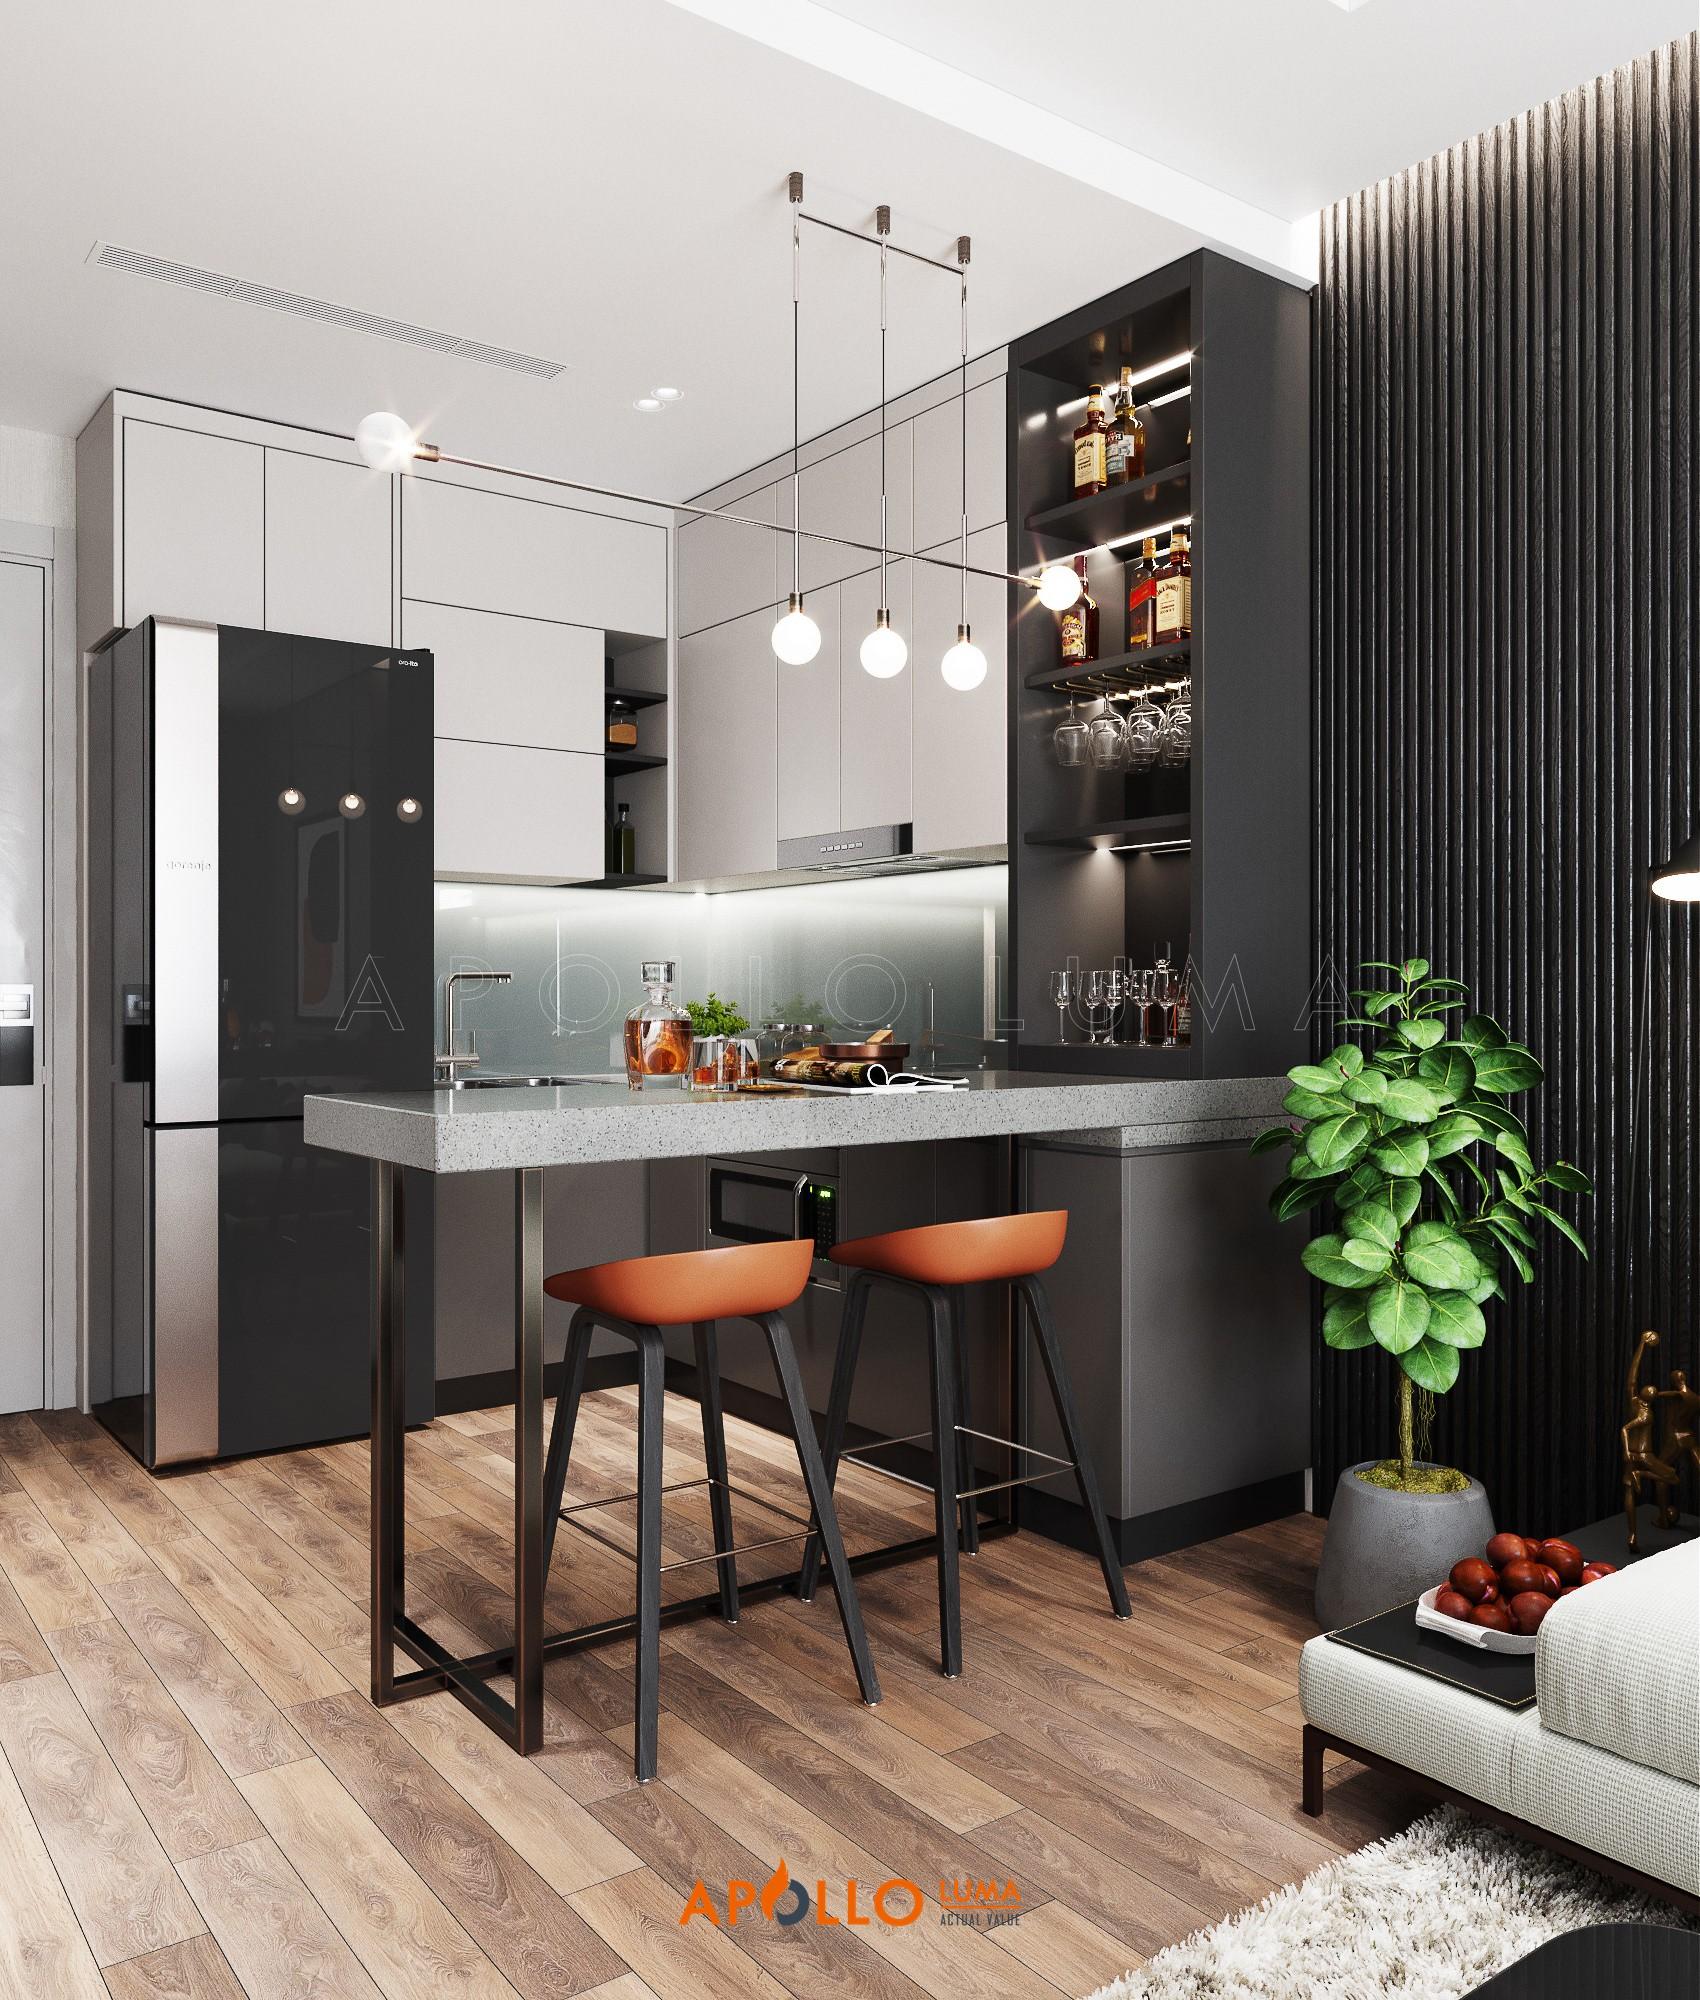 Thiết kế nội thất căn hộ 1 phòng ngủ Vinhomes Smart City Tây Mỗ